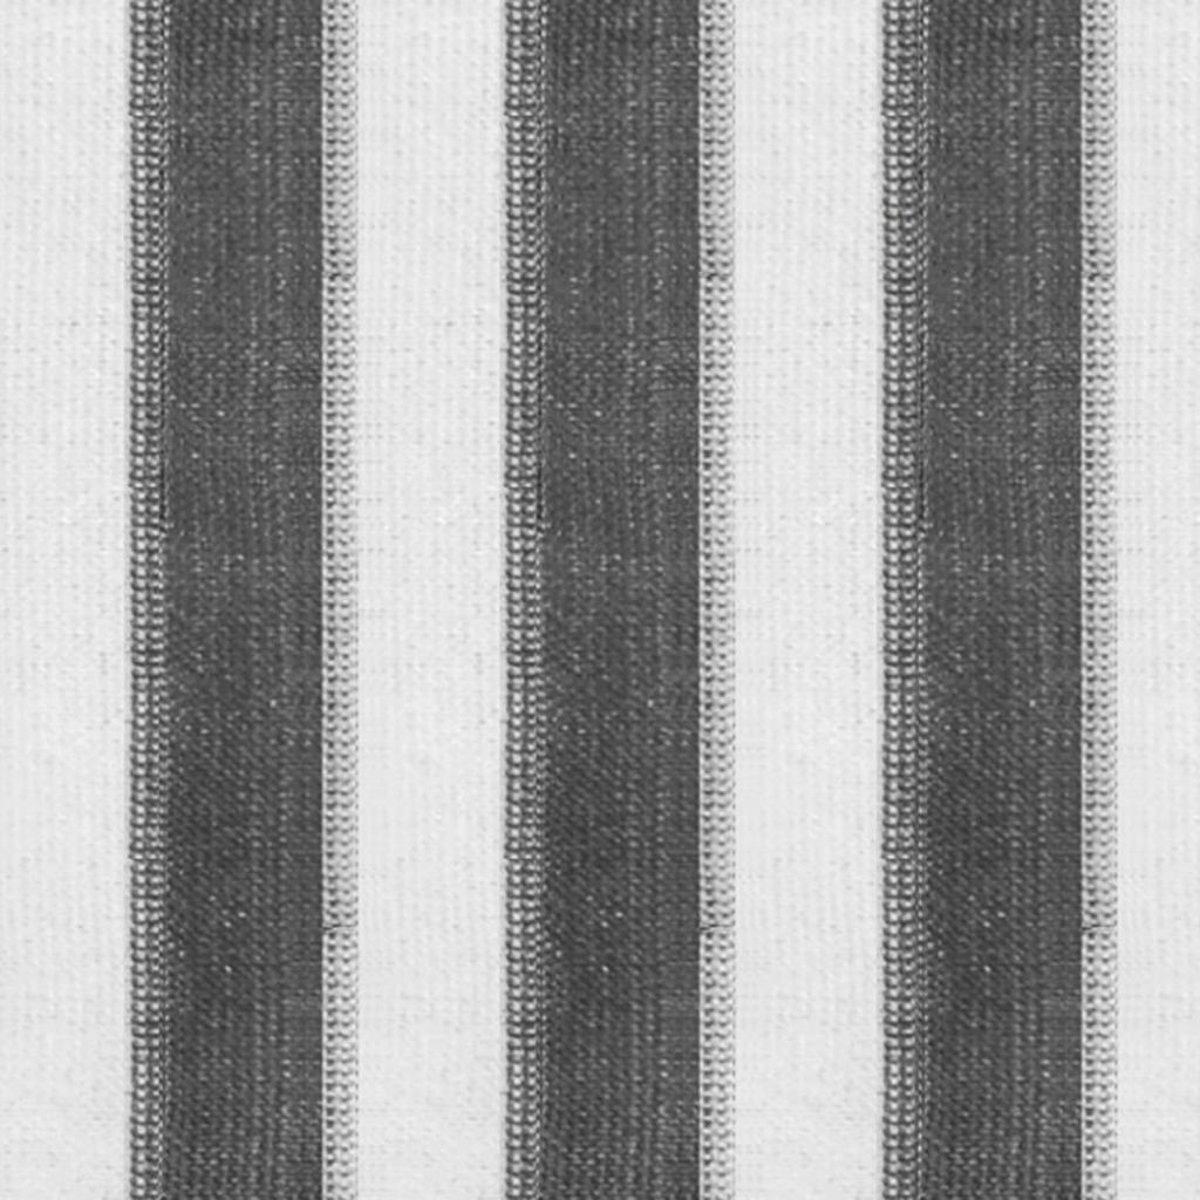 Rolgordijn voor buiten 400x140 cm antraciet en wit gestreept kopen